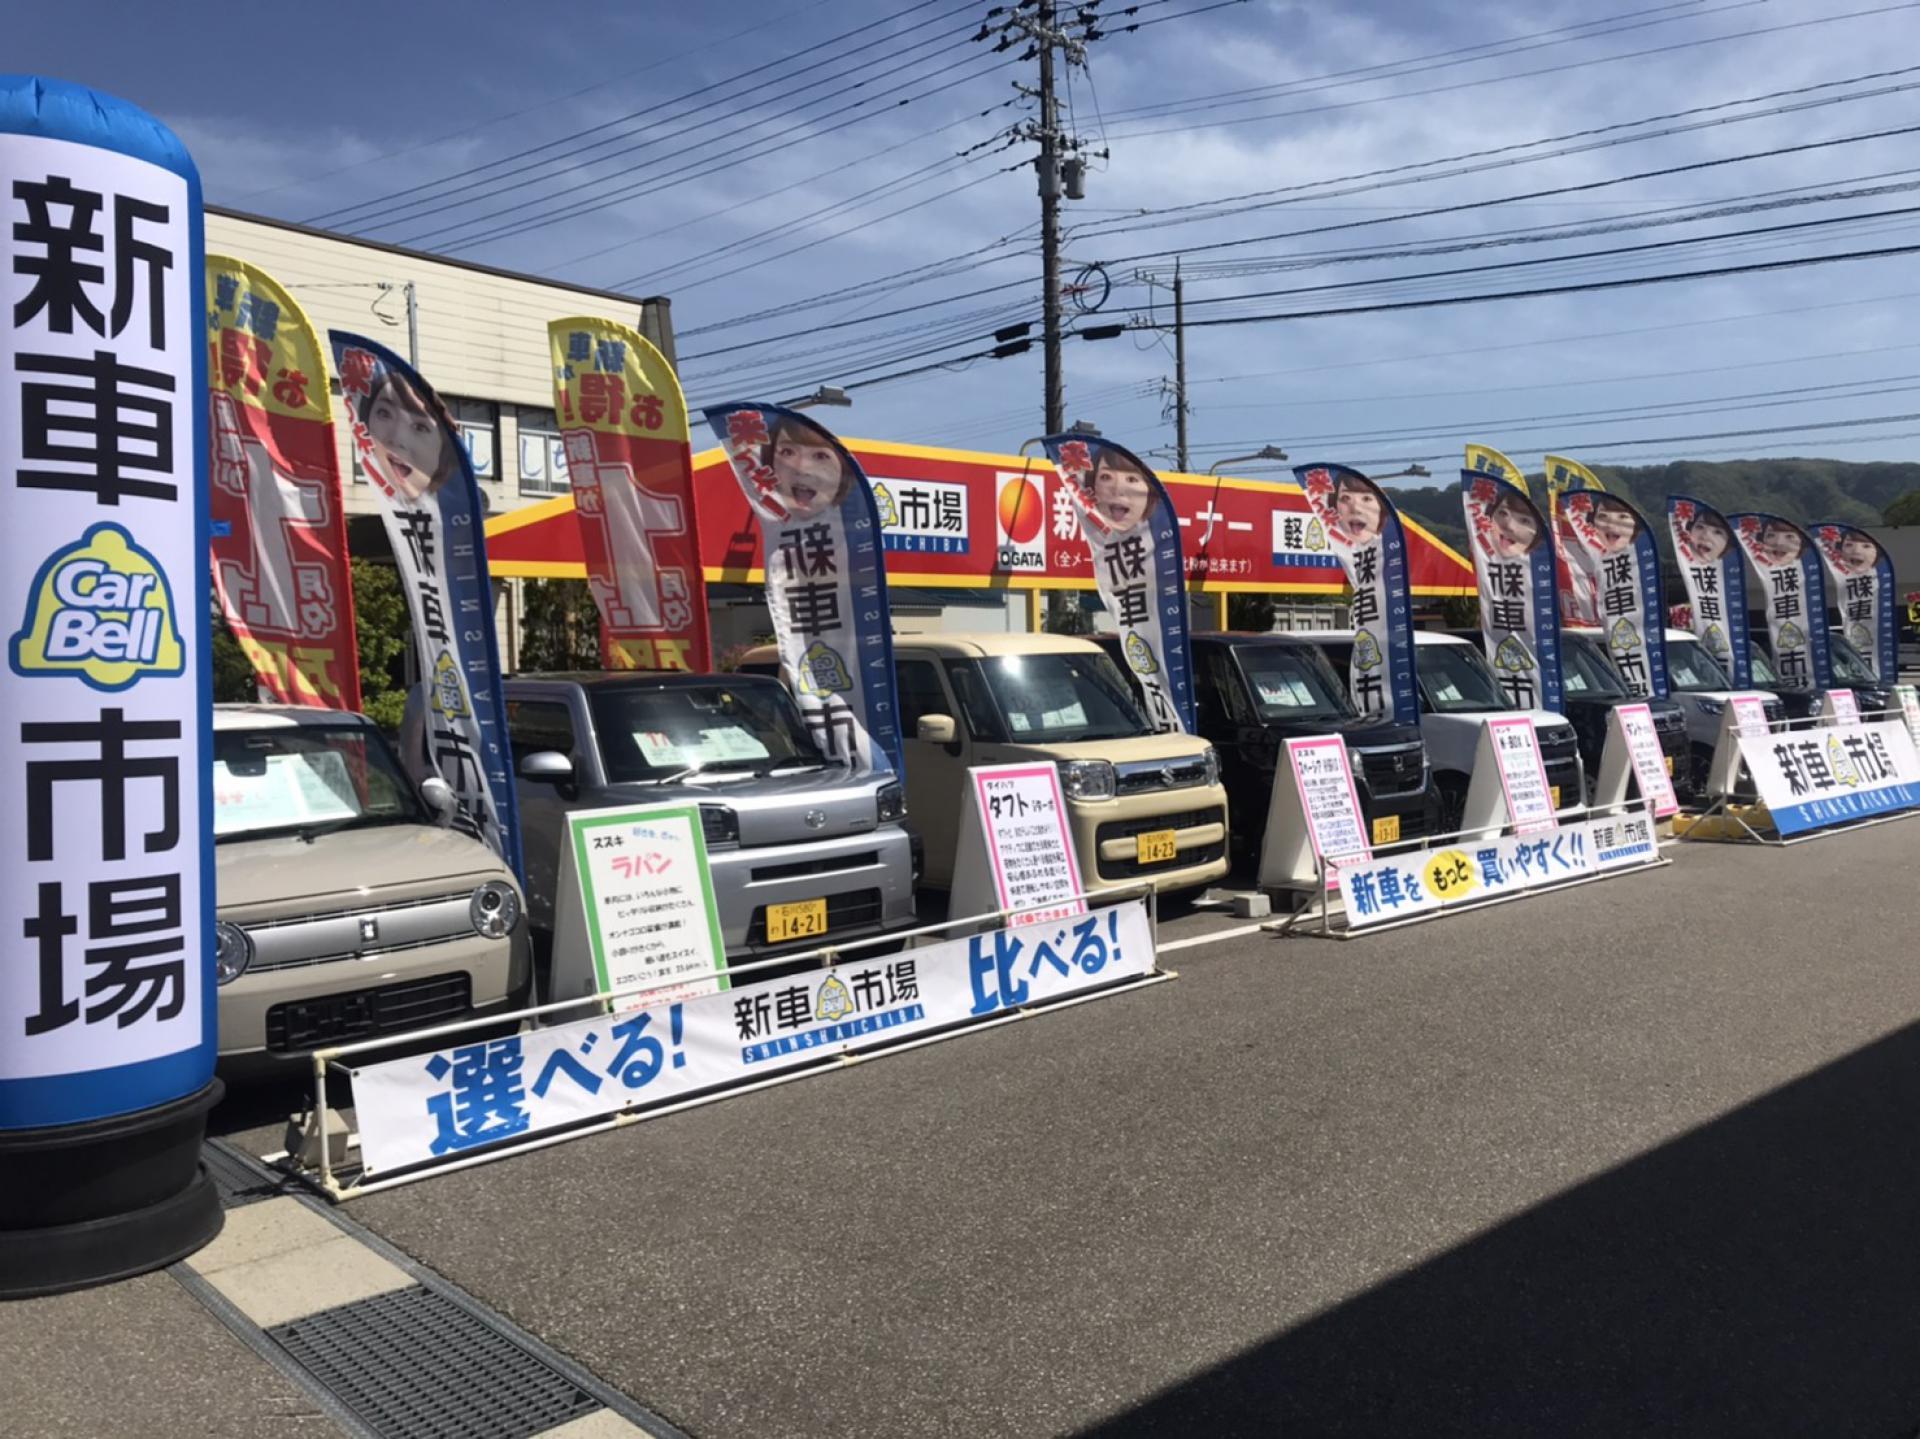 株式会社オガタ 新車市場 七尾軍艦所店